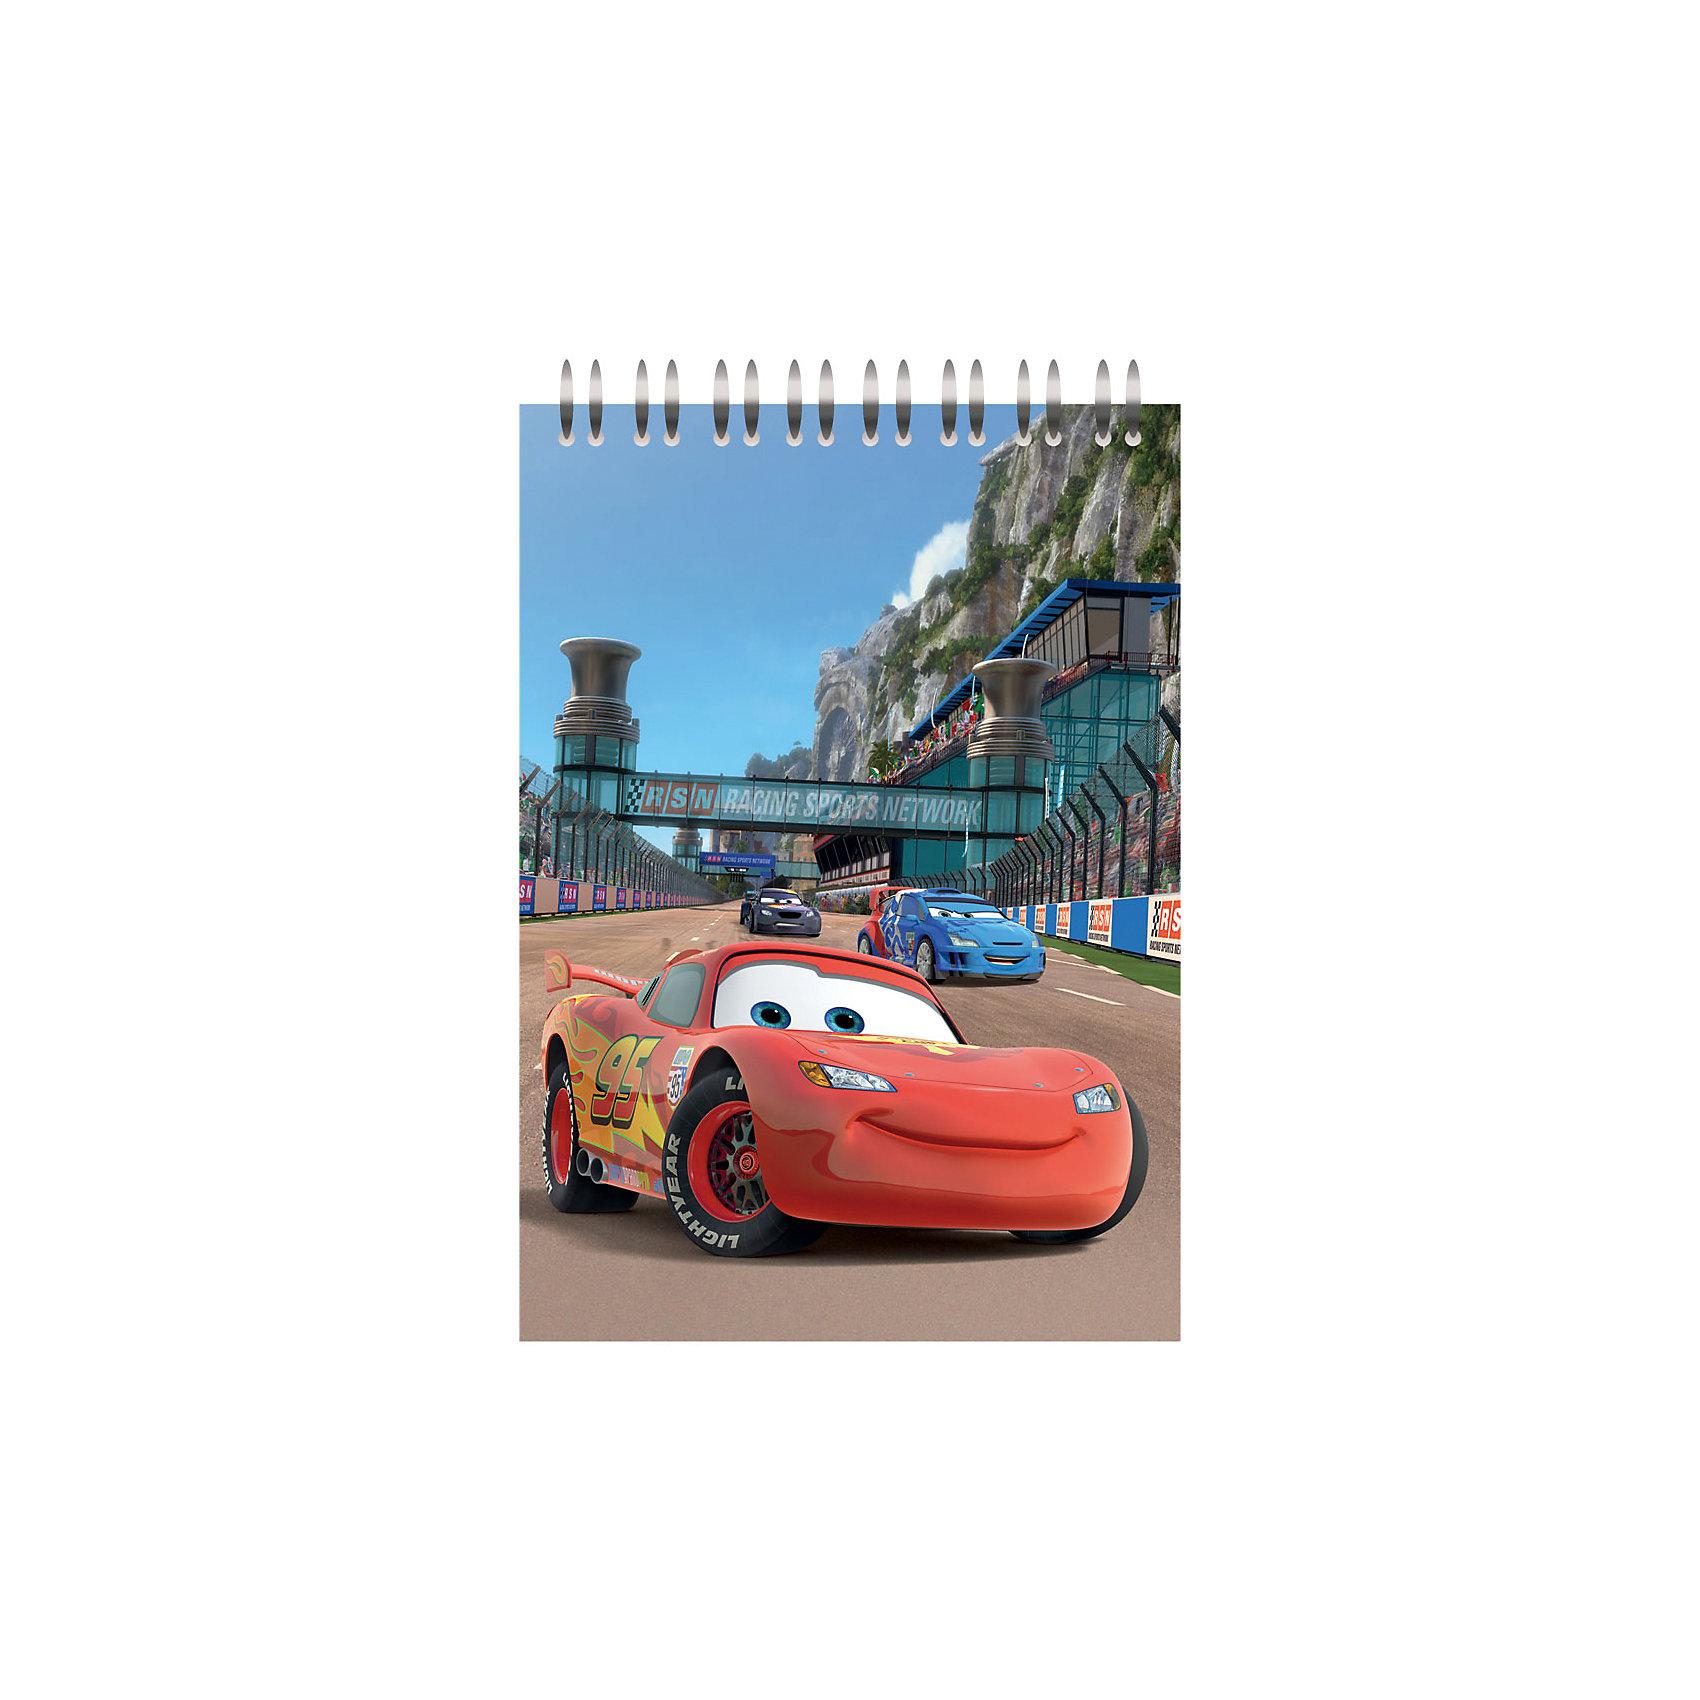 Блокнот А5 в клетку 60л, Disney ТачкиТачки<br>Блокнот А5 в клетку 60л, Disney (Дисней) Тачки с изображением персонажа МакКуина из одноименного мультфильма Дисней. Пластиковая обложка надежно защищает бумагу от деформации и загрязнений. <br>Внутренний блок, скрепленный по верхнему краю при помощи гребня, состоит из 60 страниц с разлиновкой в клетку. <br><br>Дополнительная информация:<br>-Серия: Коты-Аристократы, Дисней<br>-Материалы: пластик, высококачественная белая бумага <br>-Формат: А5 (148?210 мм)<br>-Размеры в упаковке: 10х210х150 мм<br>-Вес в упаковке: 136 г<br><br>Удобный блокнот на спирали «Тачки» с листами в клеточку обязательно понравится любому мальчику и отлично подойдет для его записей и рисунков.<br> <br>Блокнот А5 в клетку 60л, Disney (Дисней) Тачки можно купить в нашем магазине.<br><br>Ширина мм: 10<br>Глубина мм: 210<br>Высота мм: 150<br>Вес г: 136<br>Возраст от месяцев: 48<br>Возраст до месяцев: 144<br>Пол: Мужской<br>Возраст: Детский<br>SKU: 4014054